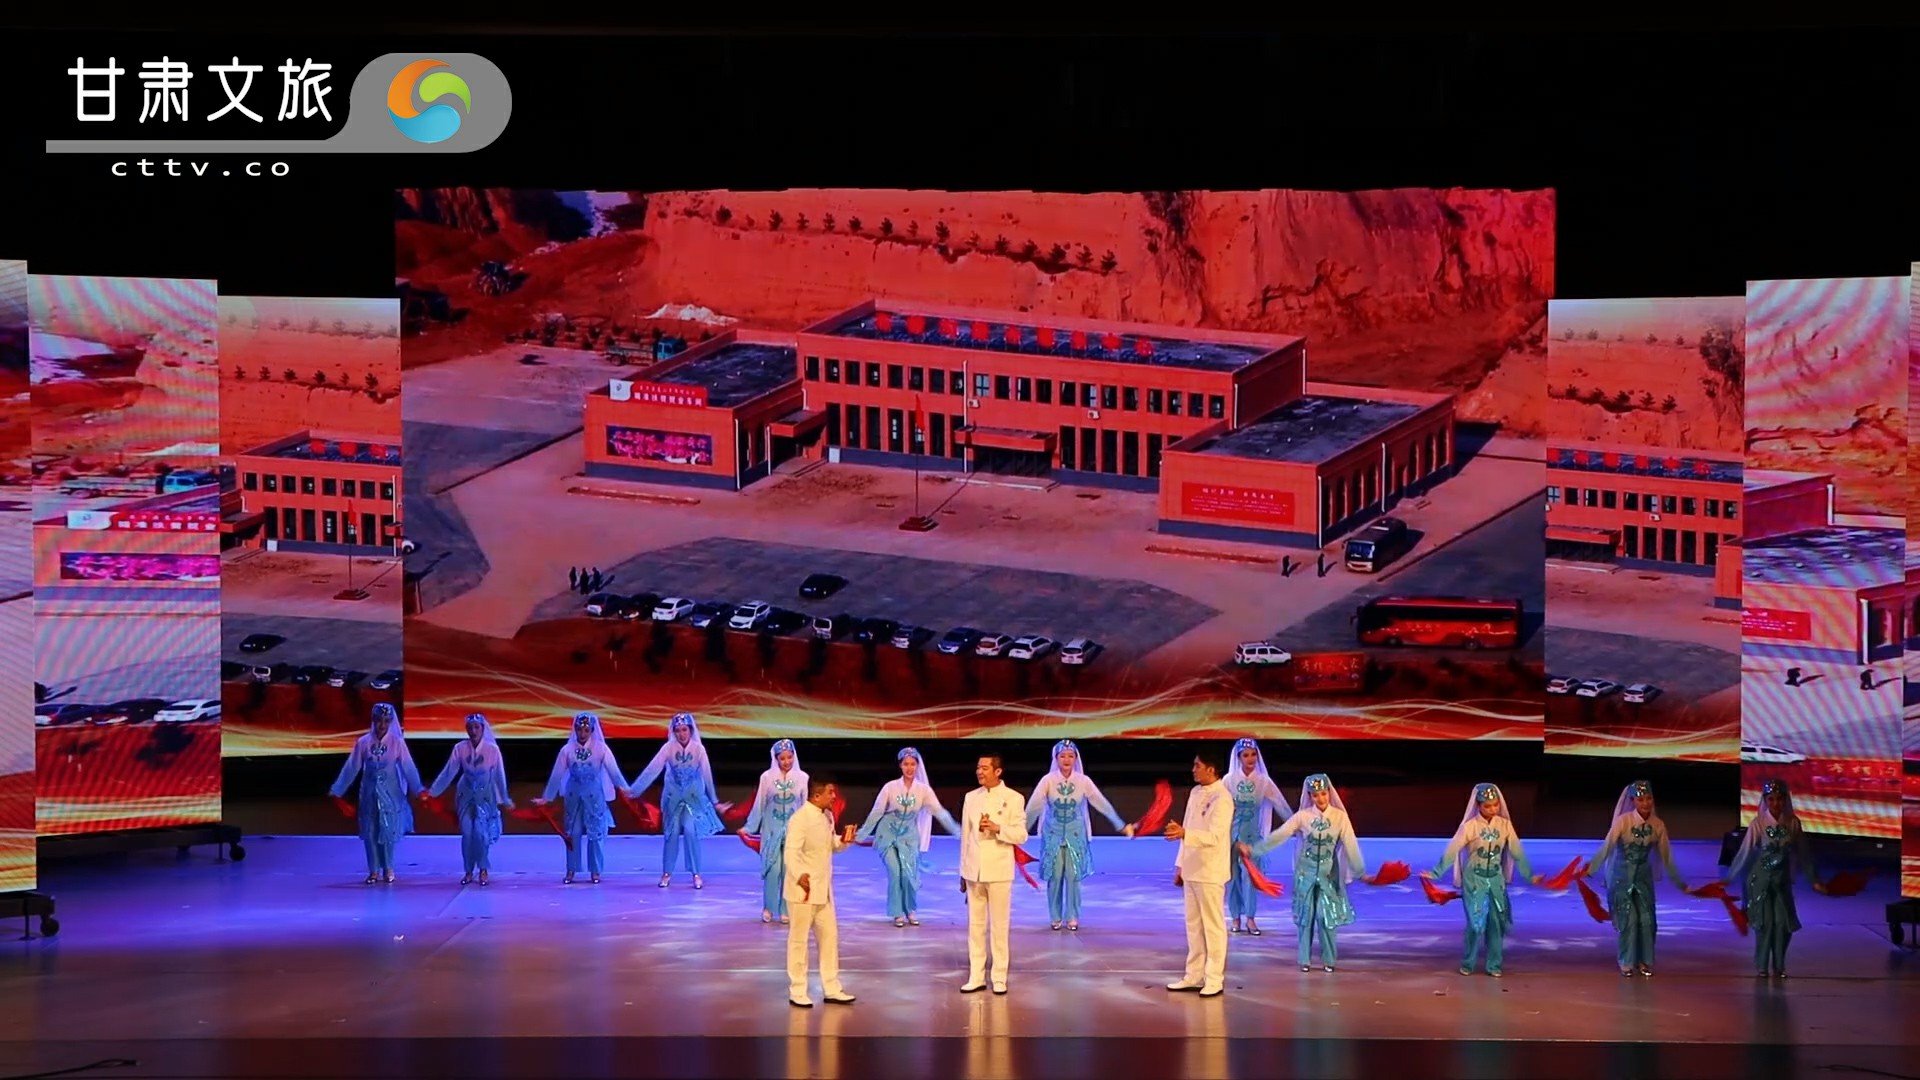 甘肃省曲协优秀曲艺作品展播——音乐舞蹈快板《习总书记来咱布楞沟》